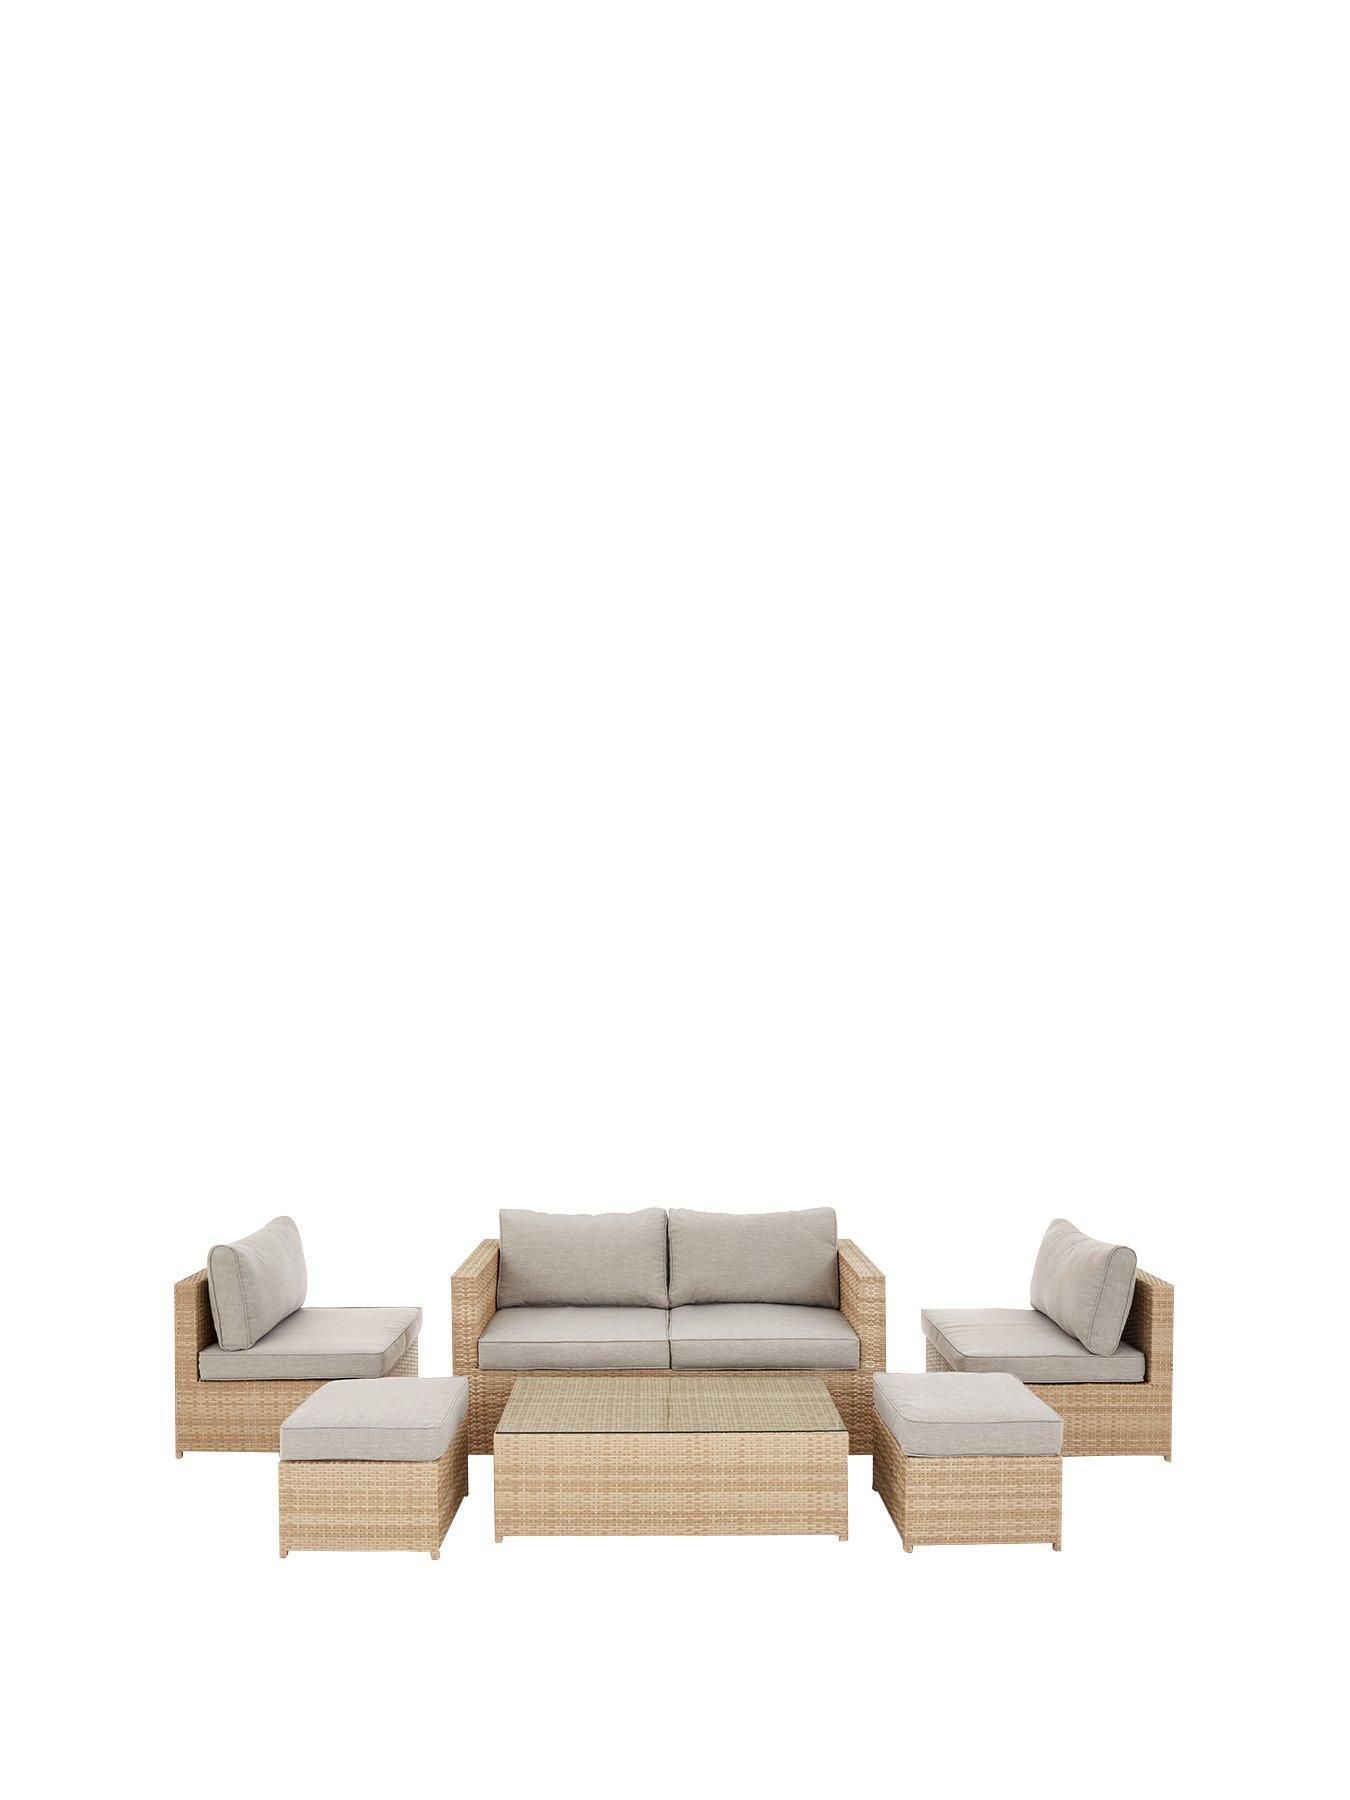 rhodes multi position garden furniture storage set